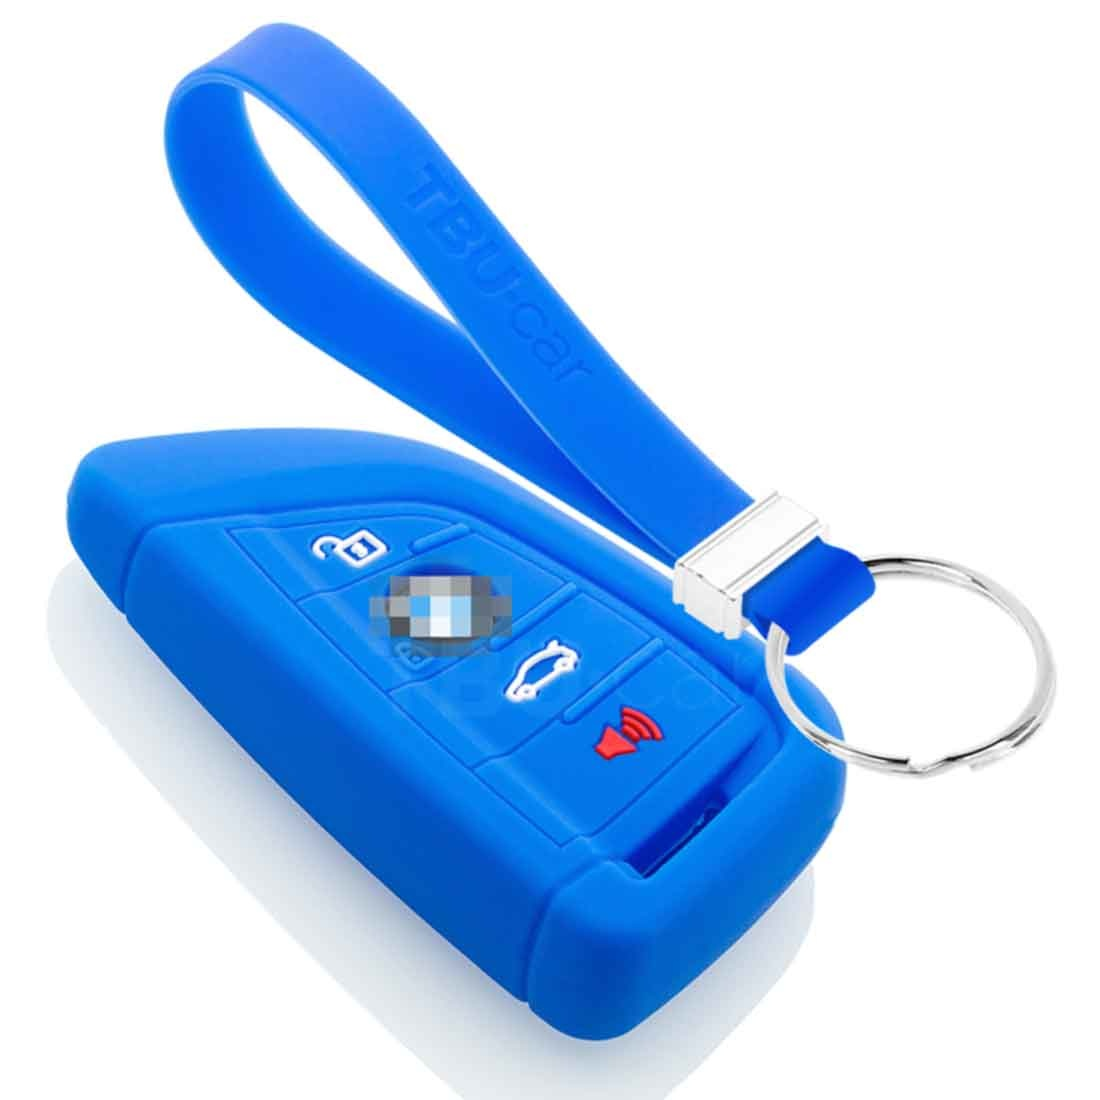 TBU car TBU car Funda Carcasa llave compatible con BMW - Funda de Silicona - Cover de Llave Coche - Azul